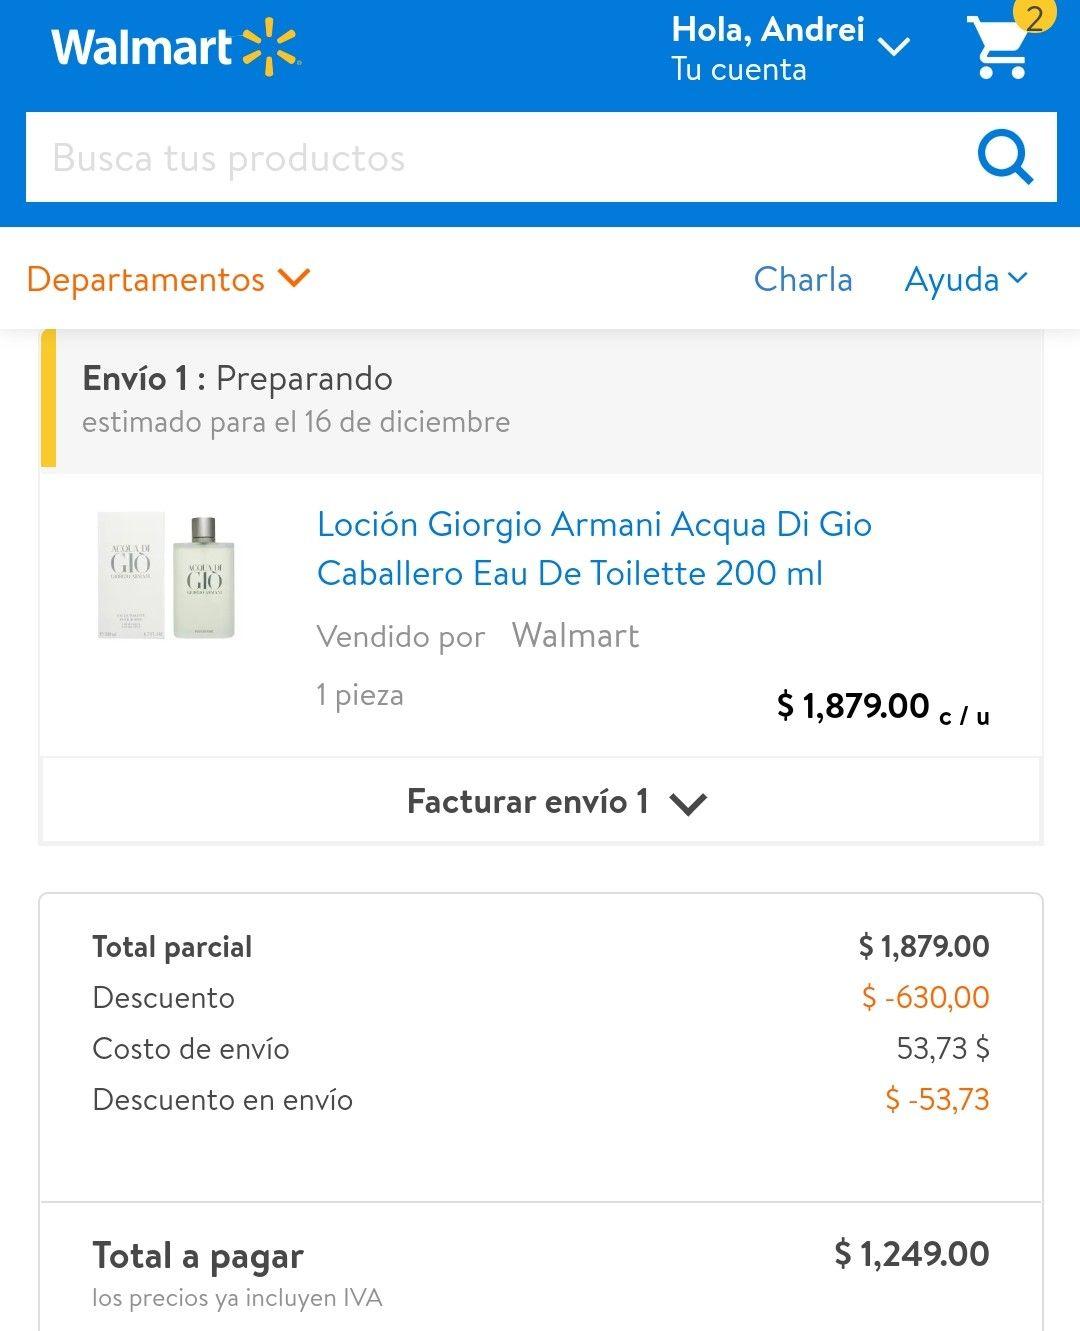 Walmart 200ml di aqua di gio vendido por walmar directamente